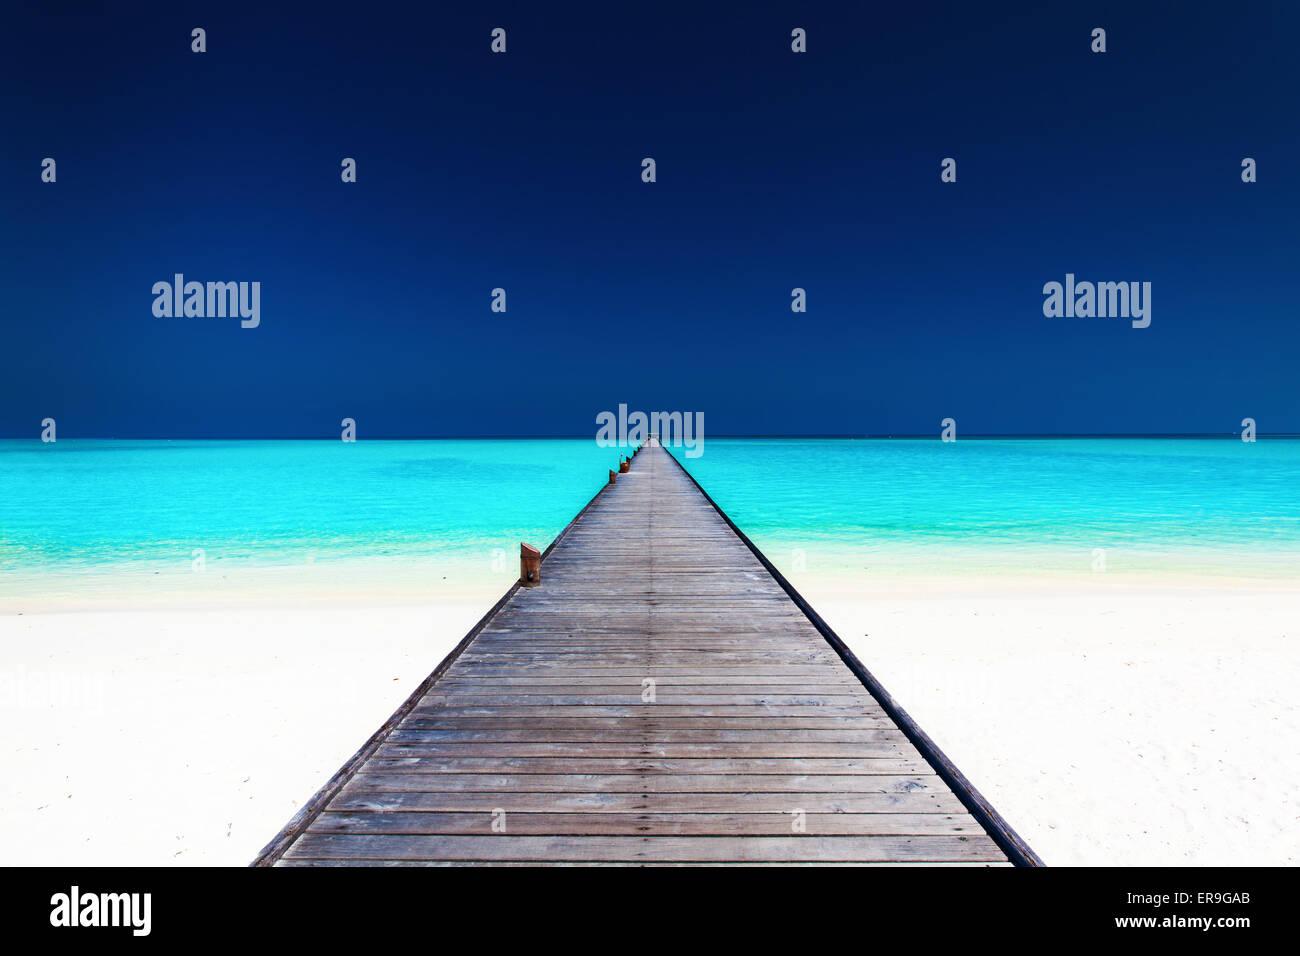 Plus de long jetty en bois avec une lagune d'eau bleu azur propre Photo Stock